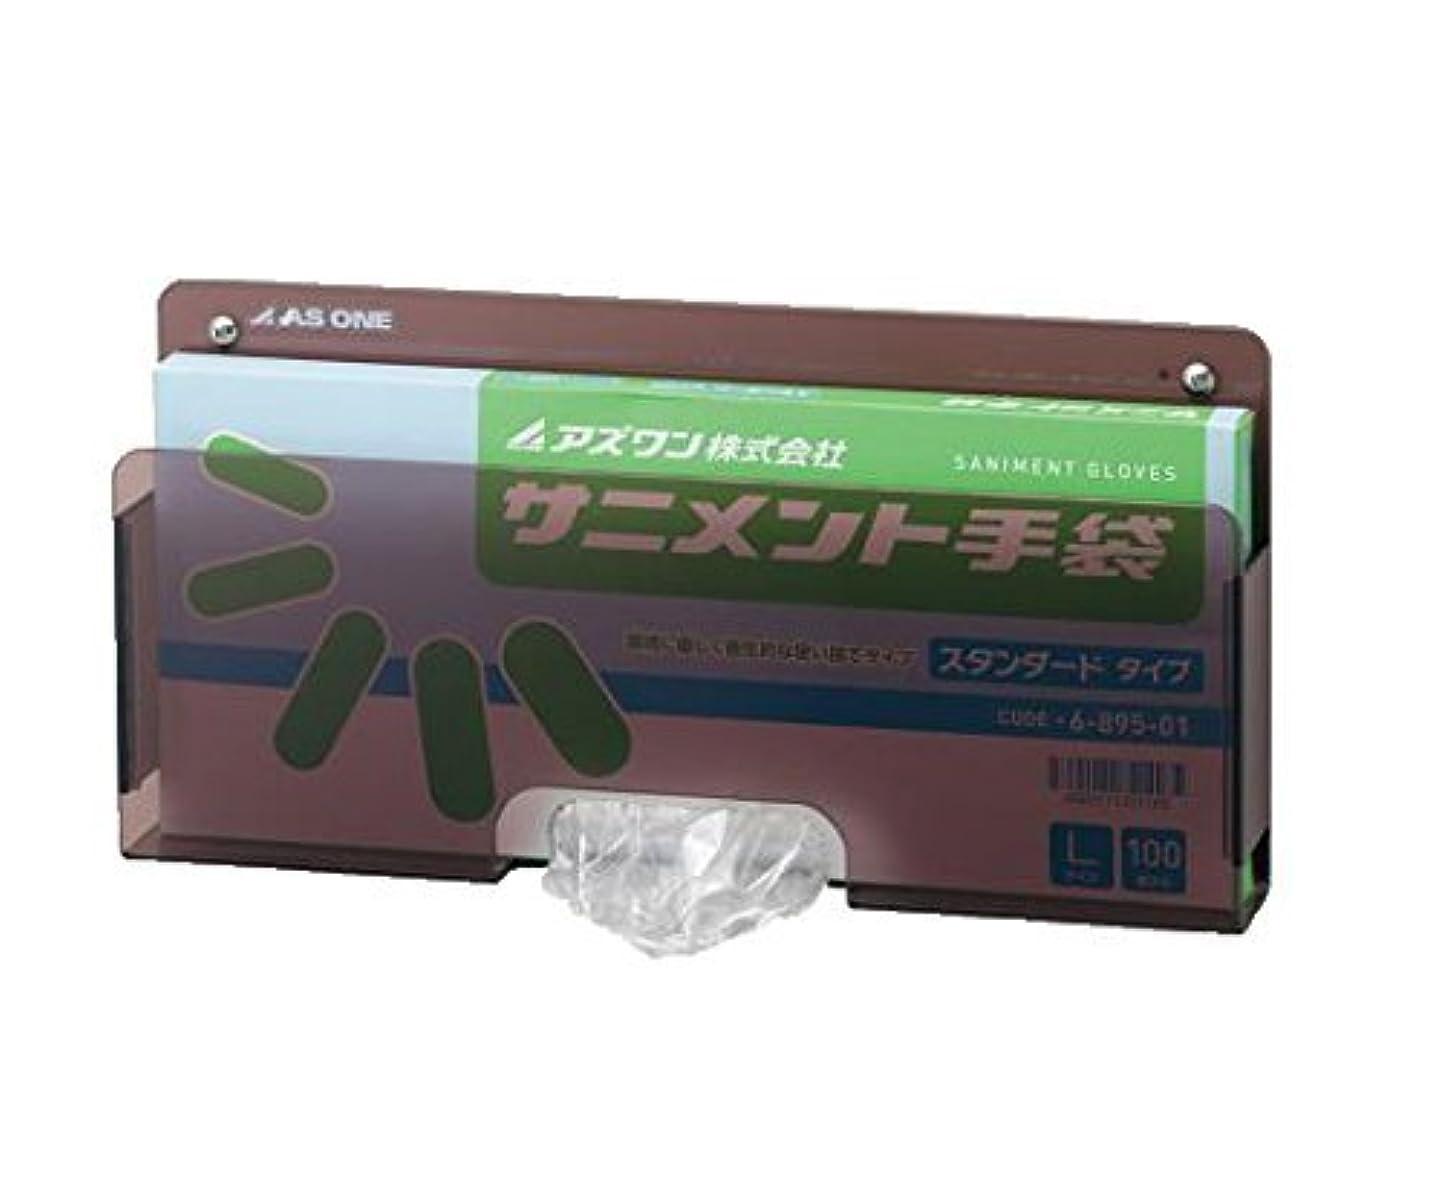 ビクターエロチック測定アズワン8-5369-01サニメント手袋用ケーススタンダード用